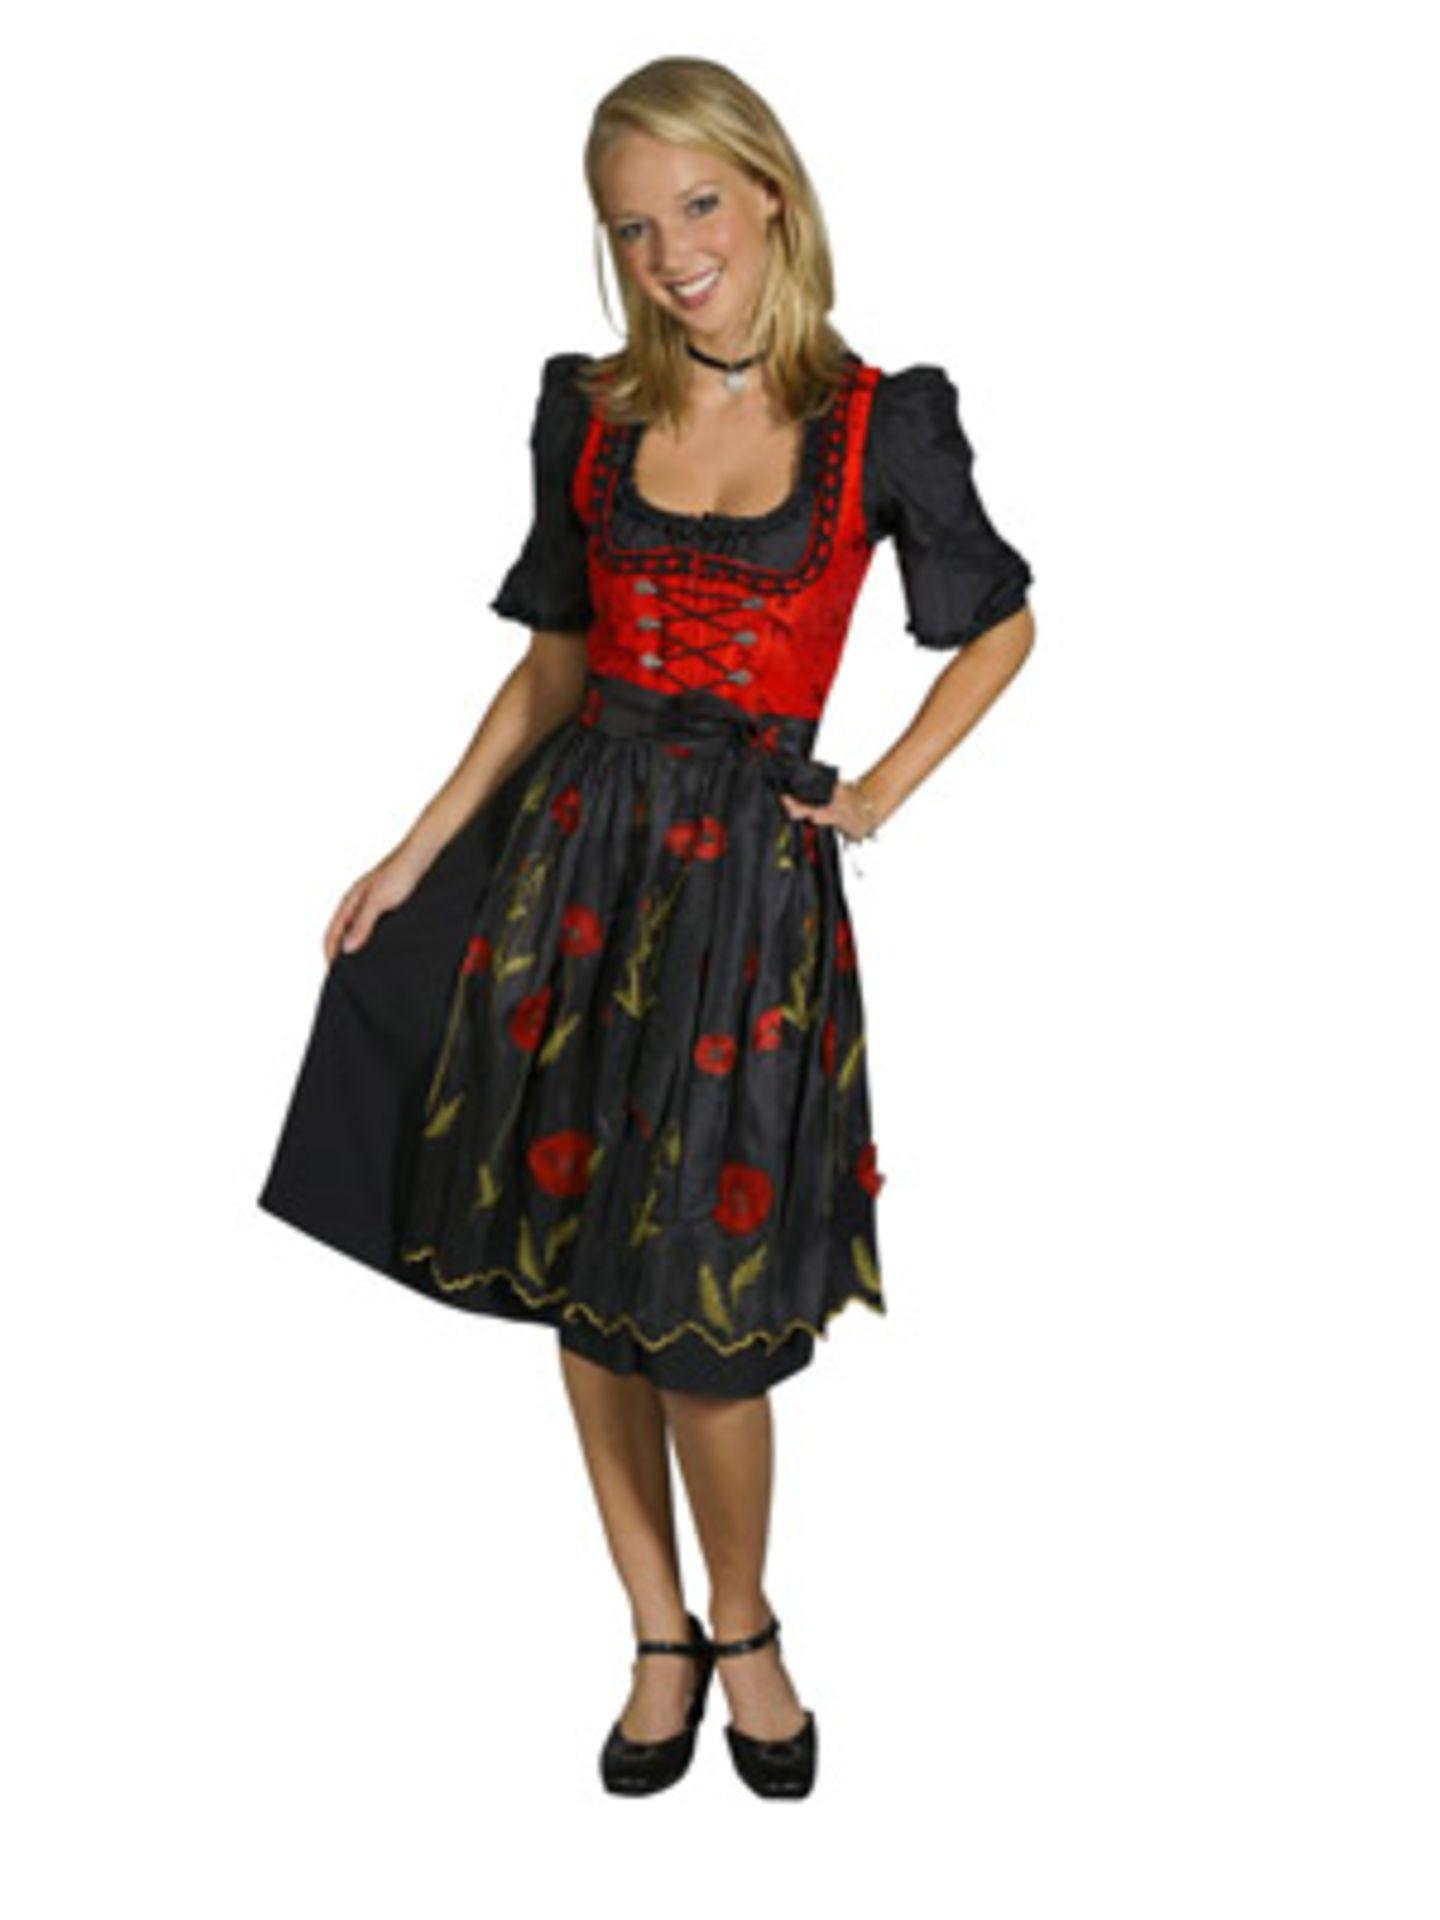 Knielanges Dirndl in Schwarz und Rot mit Blumenapplikation auf der Schürze von Wirkes. Ca. 130 Euro. Über www.trachtenshop.de